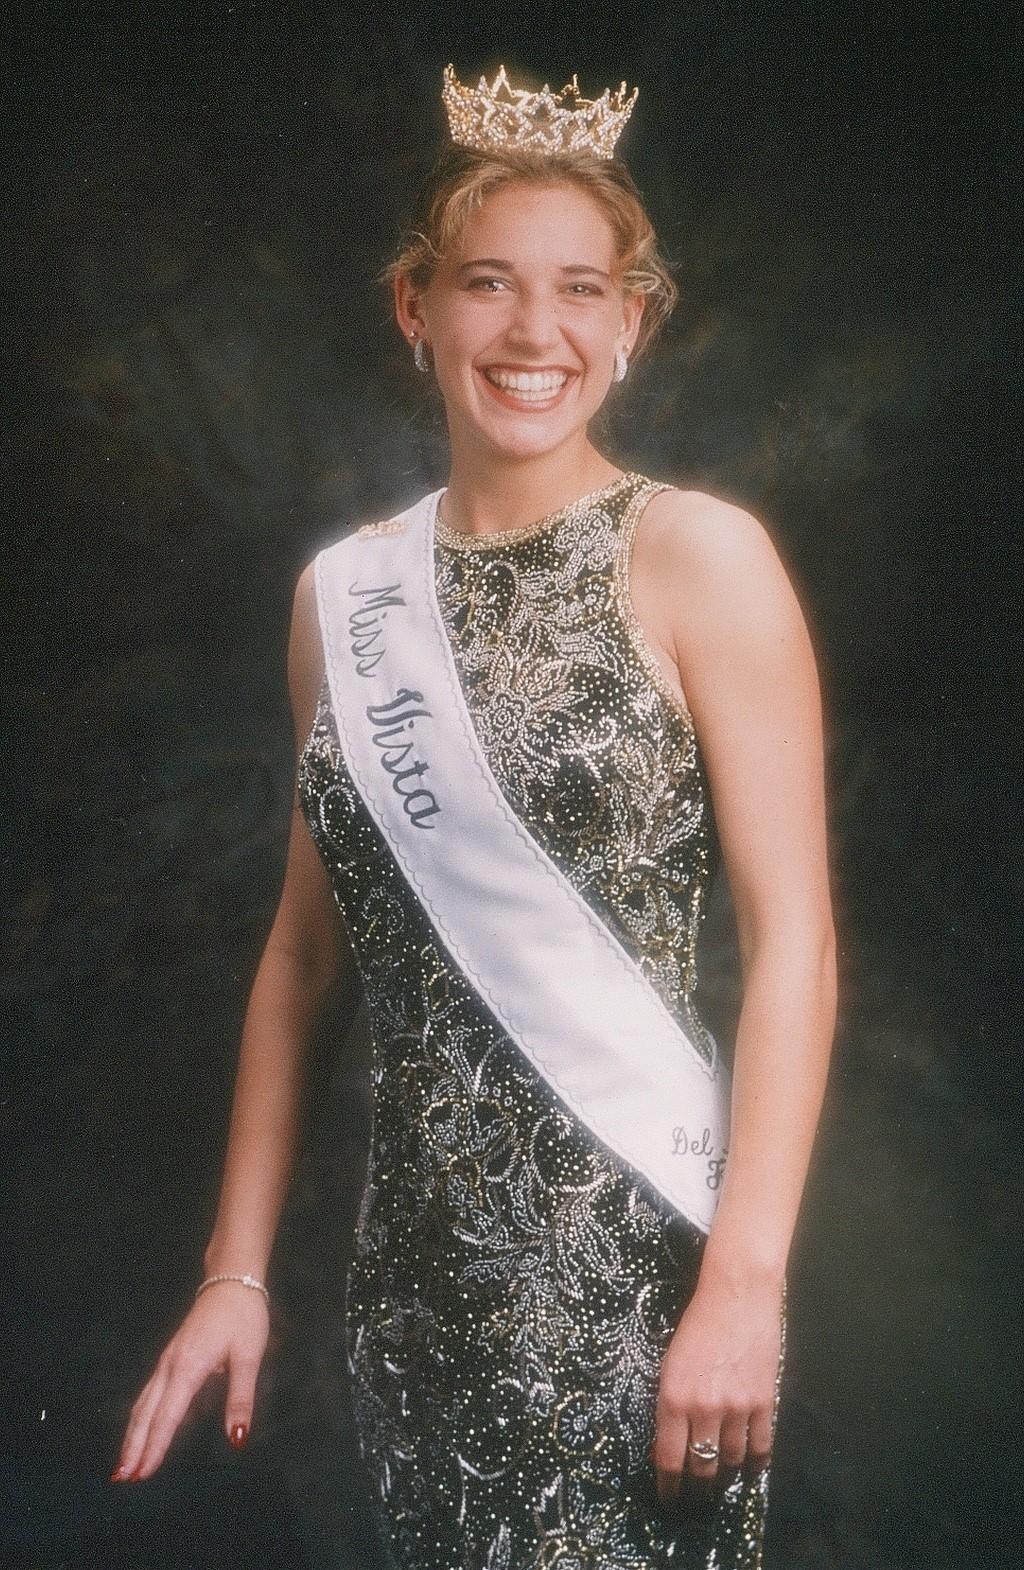 Gretchen Smalley, Miss Vista 1995